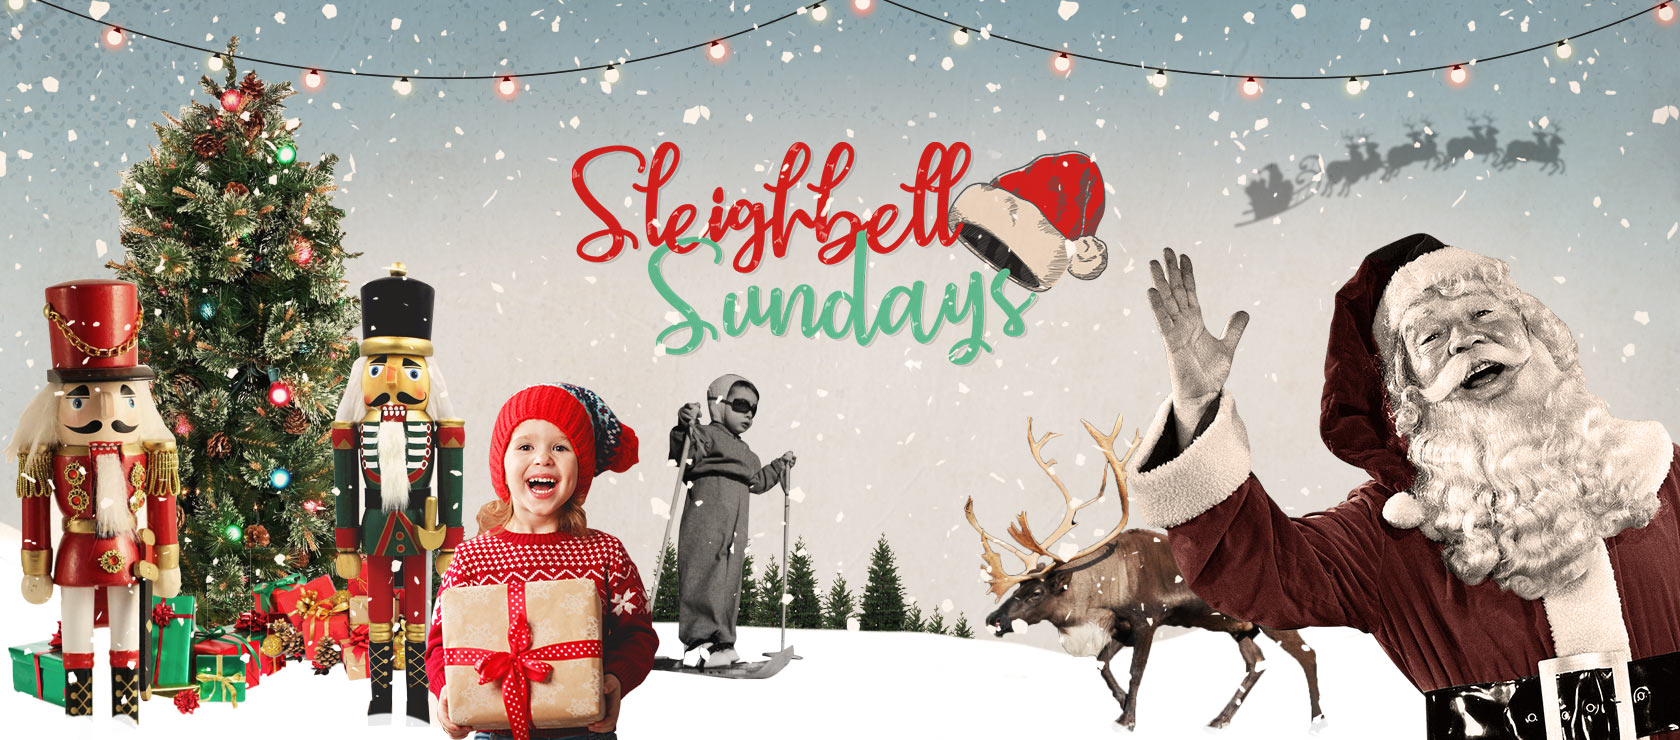 Sleighbell Sundays Brewhemia Edinburgh